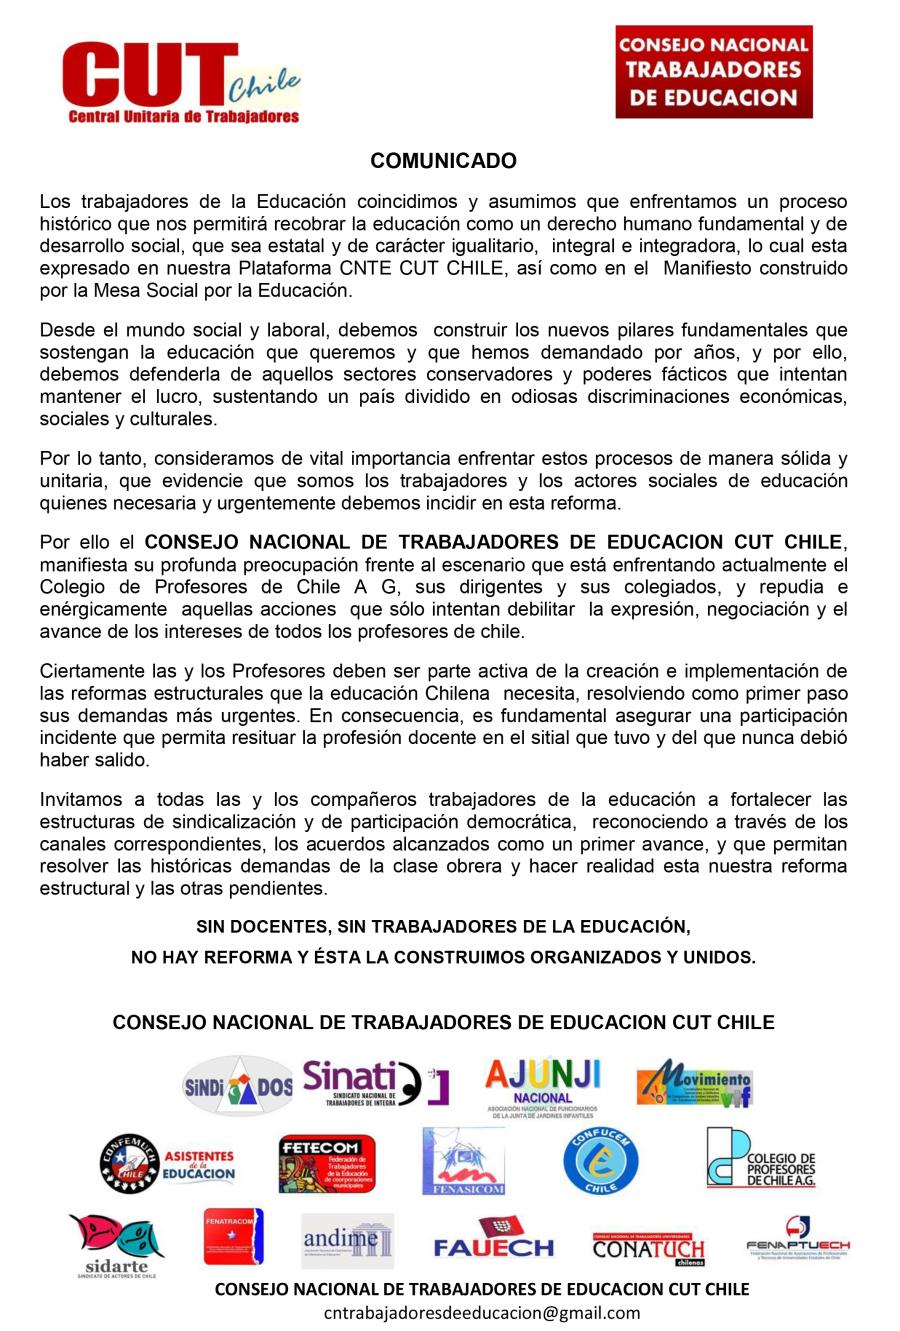 COMUNICADO DE LOS TRABAJADORES DE LA EDUCACIÓN